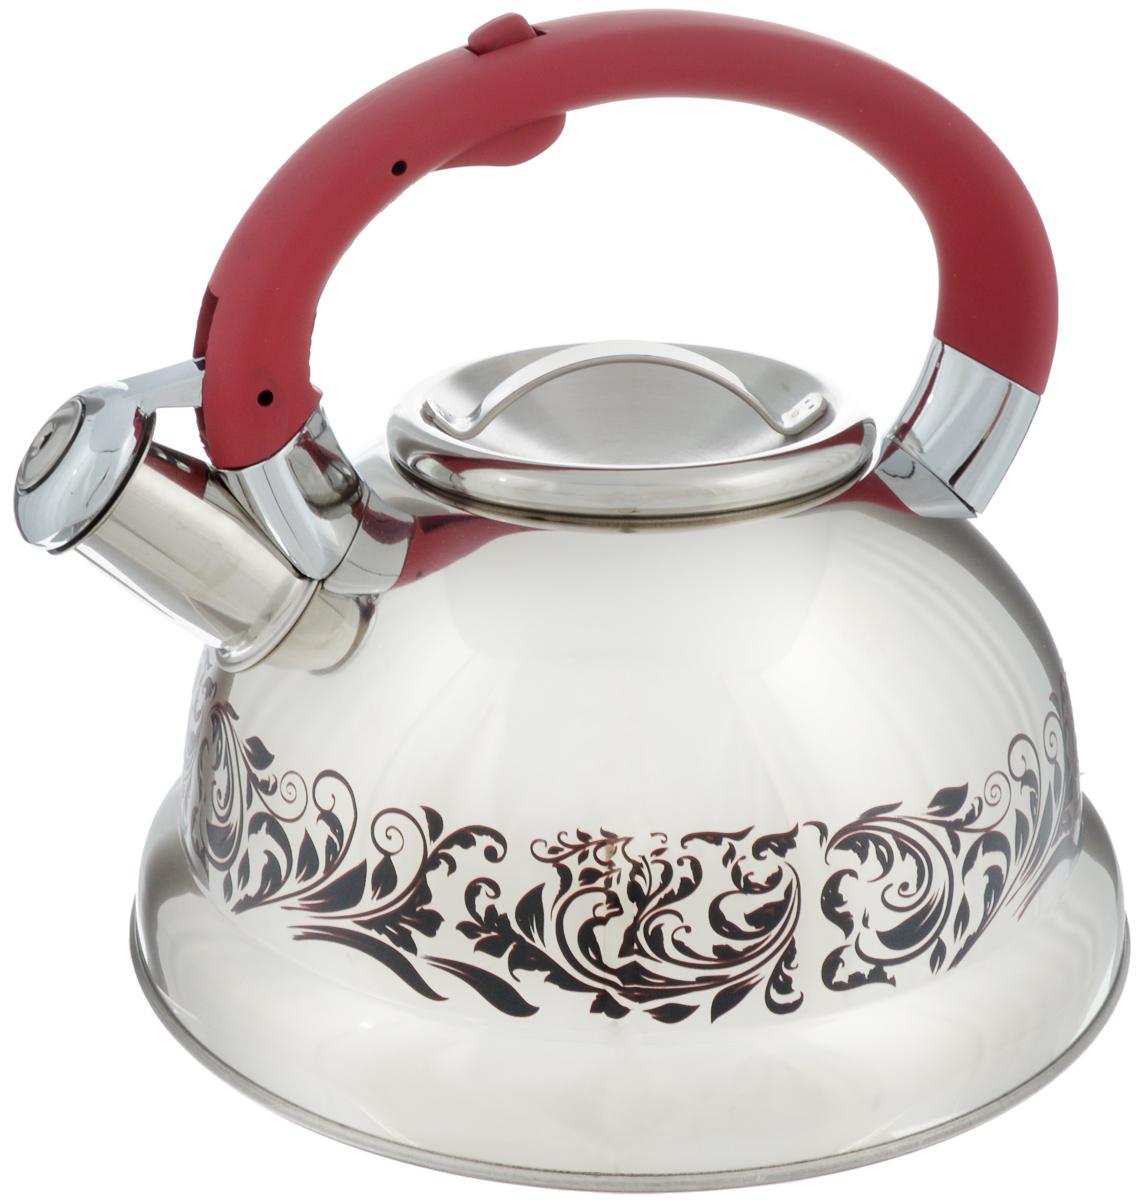 Чайник Mayer & Boch, со свистком, цвет: стальной, бордовый, 2,6 л. 2341494672Чайник Mayer & Boch выполнен из высококачественной нержавеющей стали, что обеспечивает долговечность использования. Изделие оформлено изящным рисунком, который одновременно является и индикатором цвета - при нагревании рисунок на корпусе меняет цвет. Ручка из бакелита с покрытием soft-touch делает использование чайника очень удобным и безопасным. Чайник снабжен свистком и кнопкой для открывания носика. Пригоден для использования на всех видах плит, включая индукционные. Можно мыть в посудомоечной машине.Диаметр чайника по верхнему краю: 10 см.Высота чайника (без учета ручки): 11 см.Высота чайника (с учетом ручки): 20,5 см.